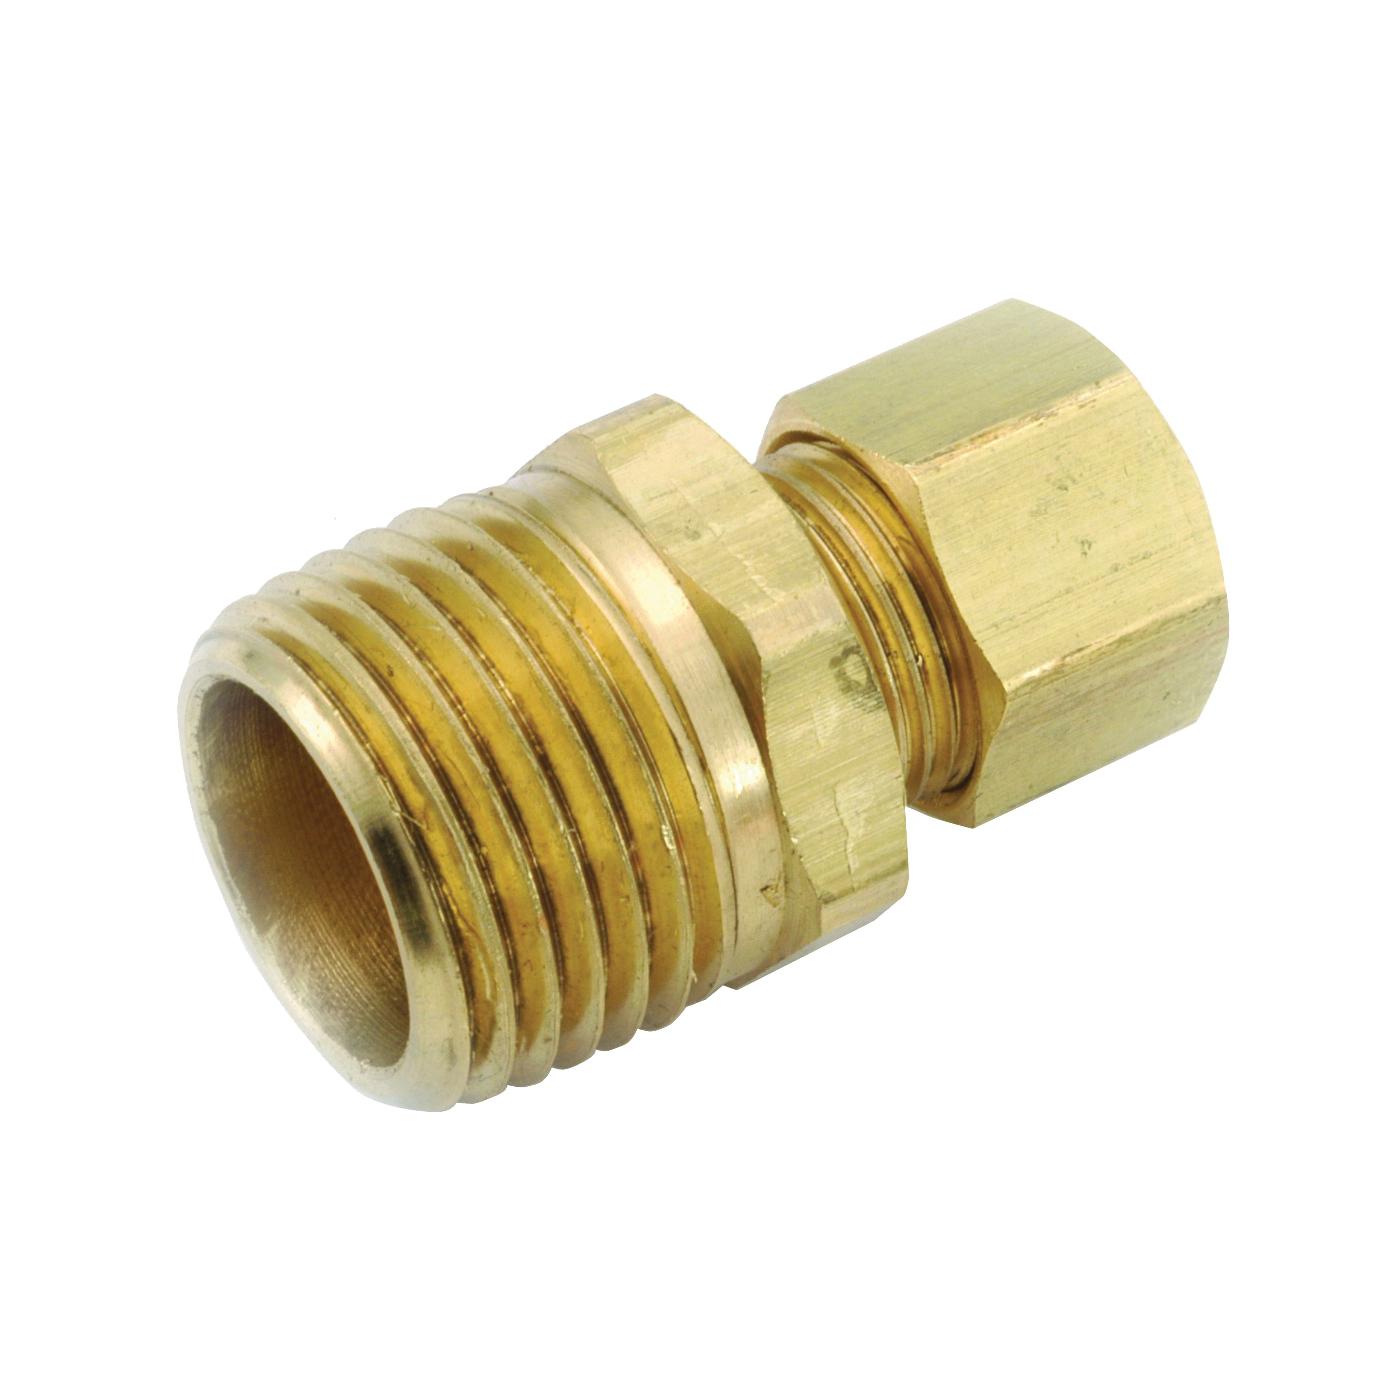 Anderson Metals 750068-0602